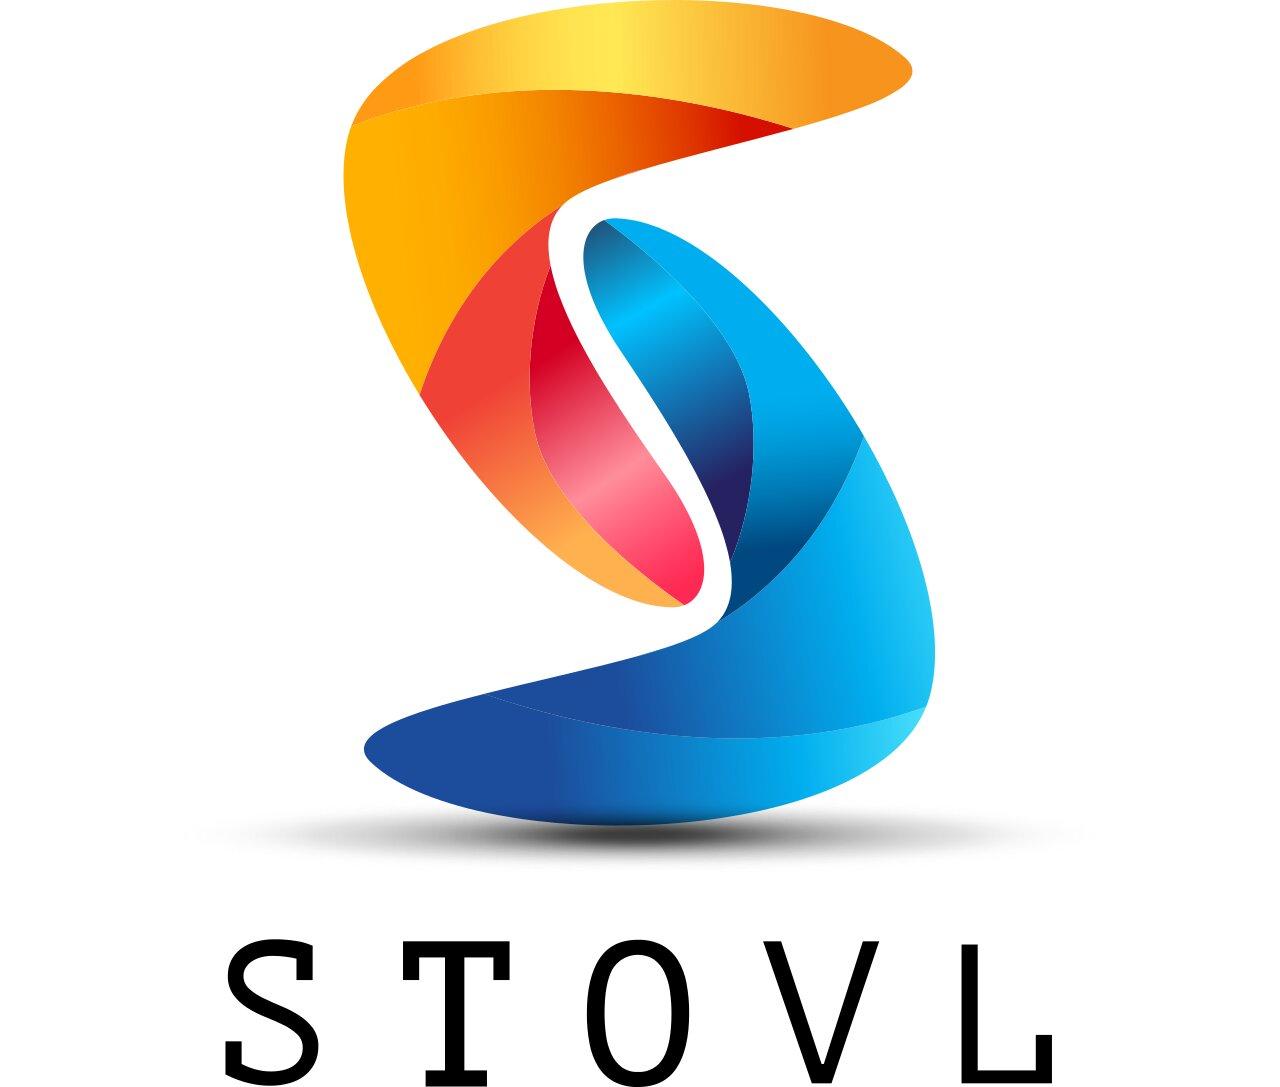 Stovl